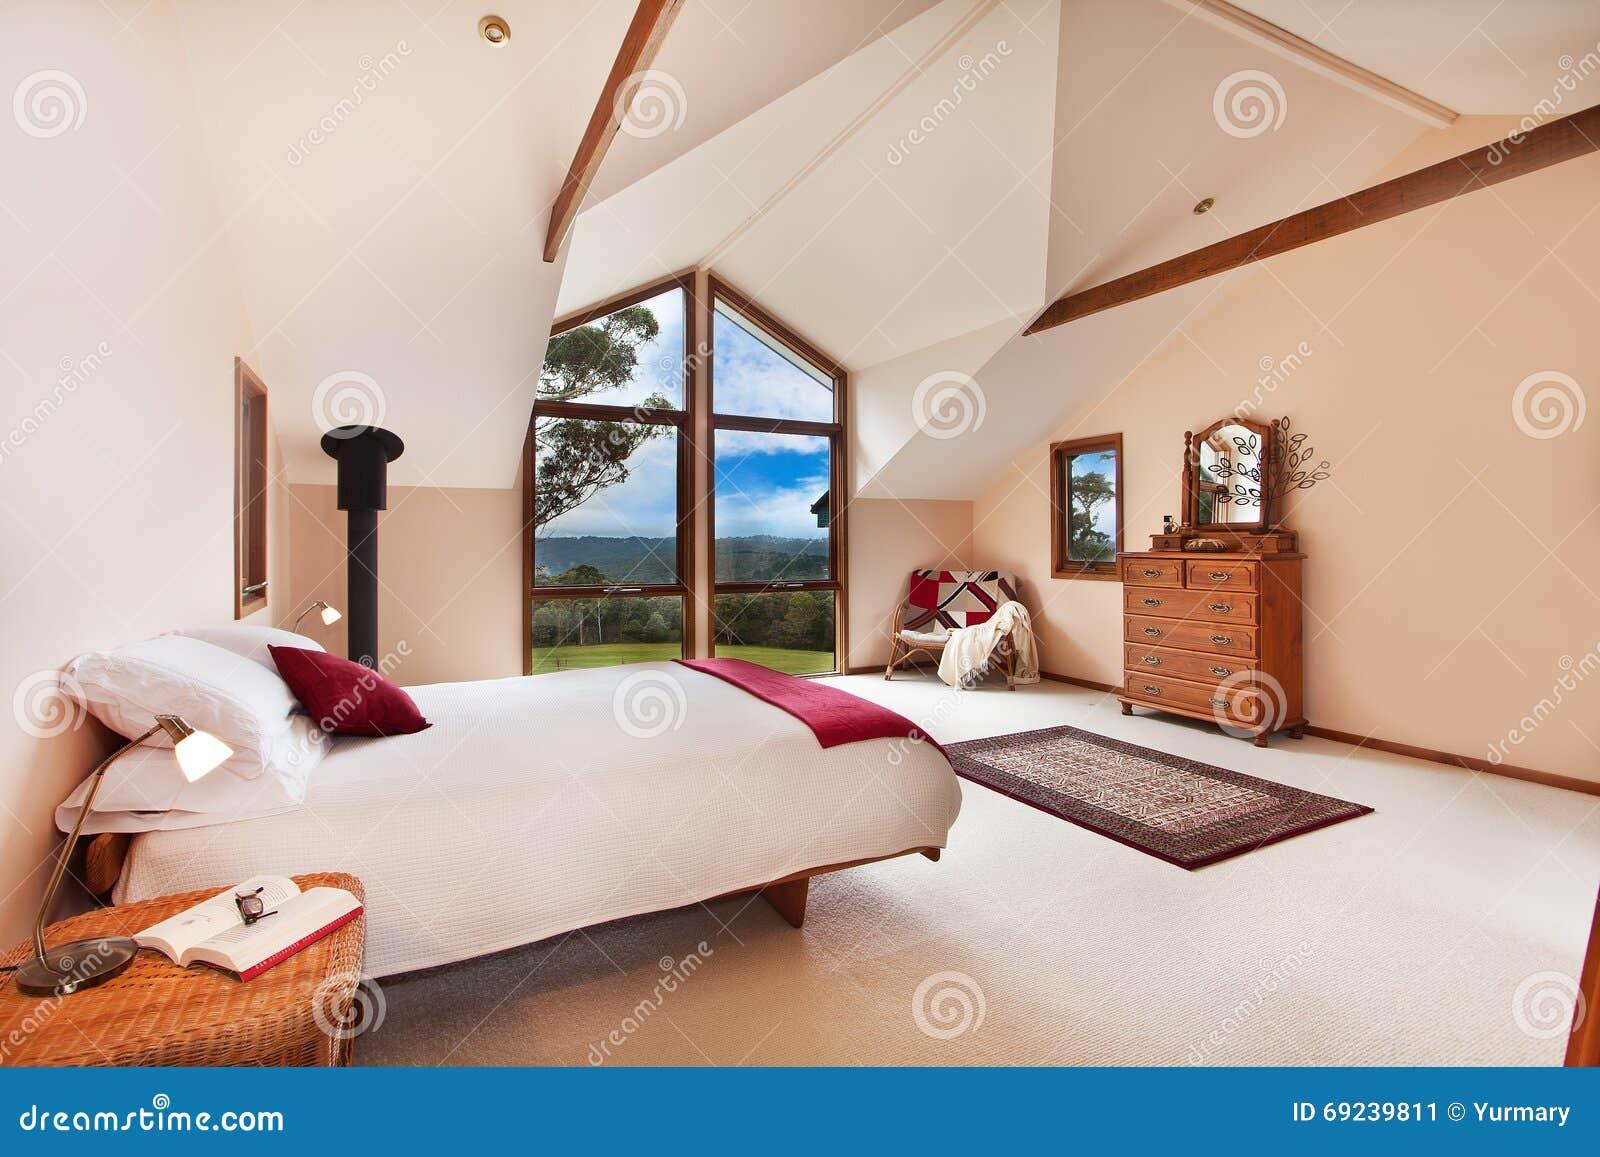 Mooie Slaapkamer Met Een Groot Bed Stock Foto - Afbeelding: 69239811